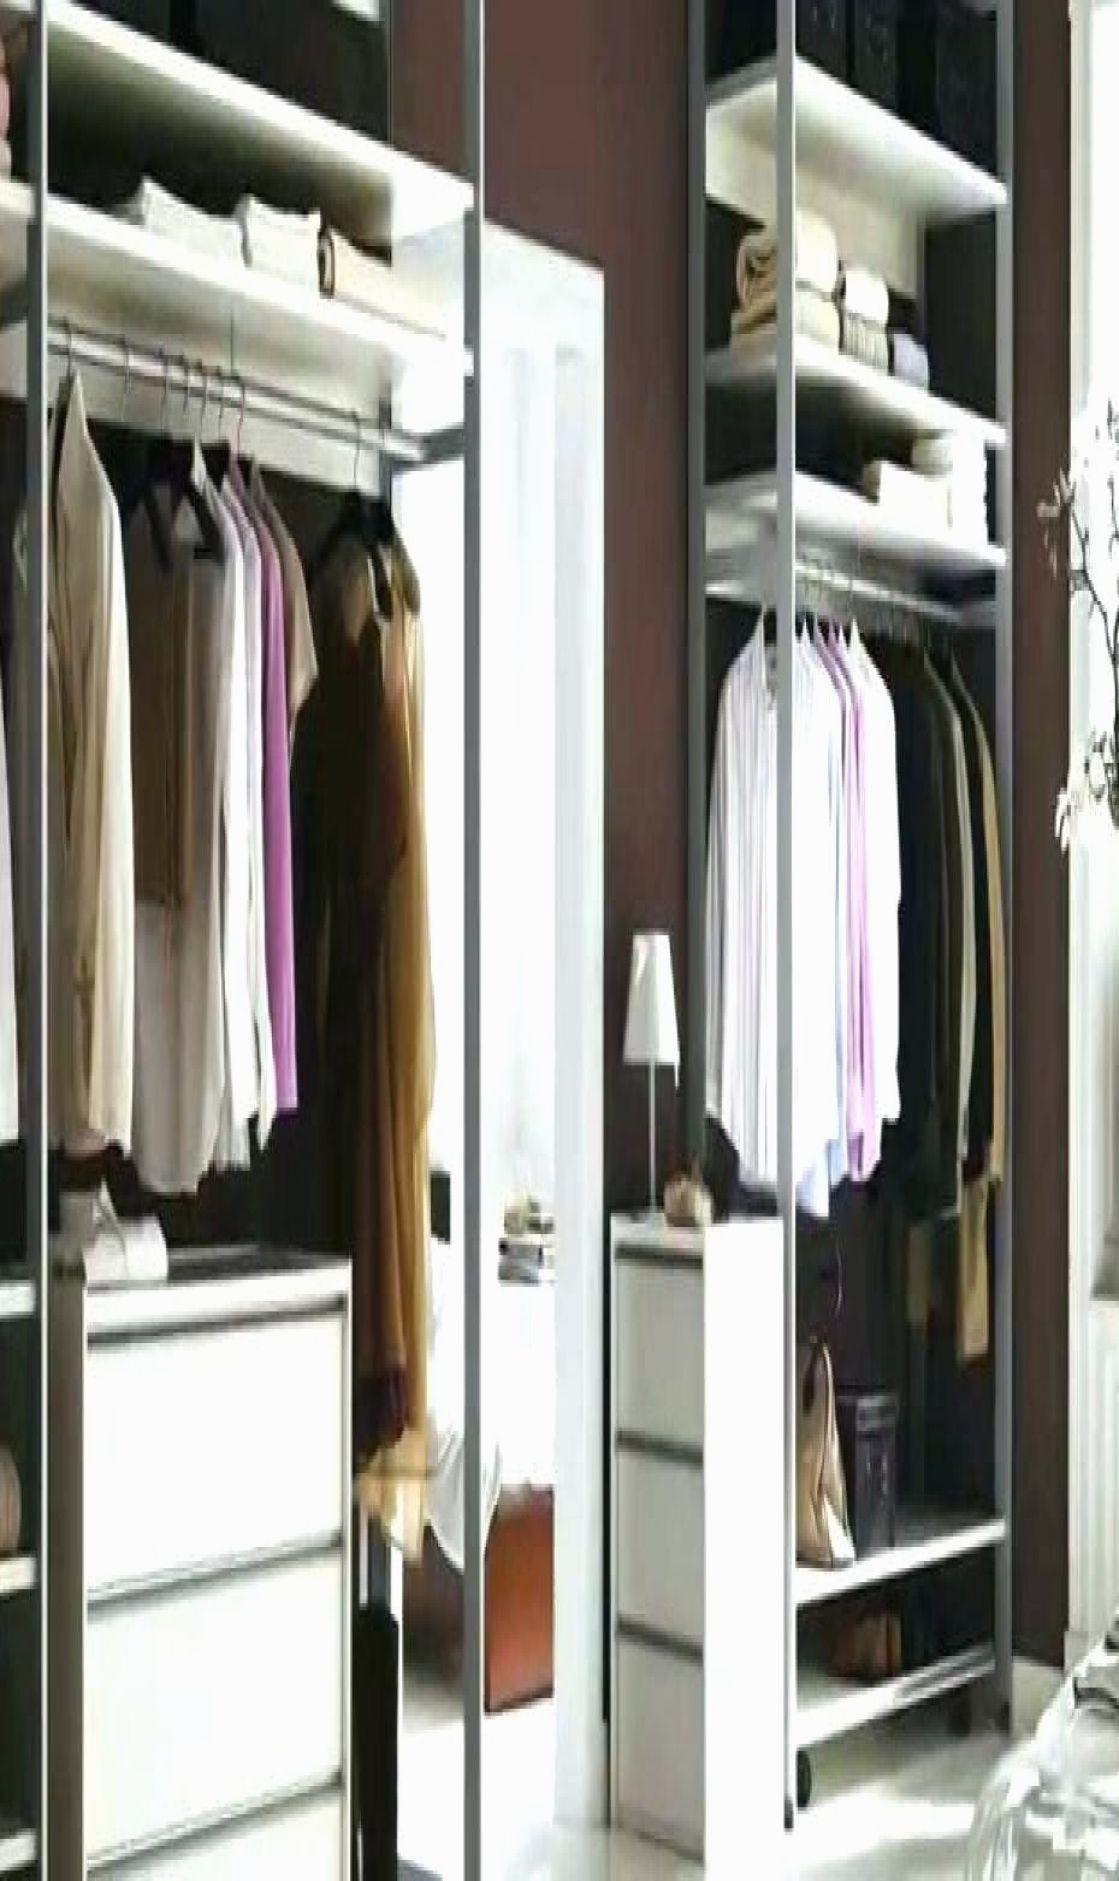 Pax Schrank Konfigurieren Ikea Kleiderschrank Konfigurieren Ikea Kleiderschrank In 2020 Schrank Konfigurieren Begehbarer Kleiderschrank Ikea Kleiderschrank